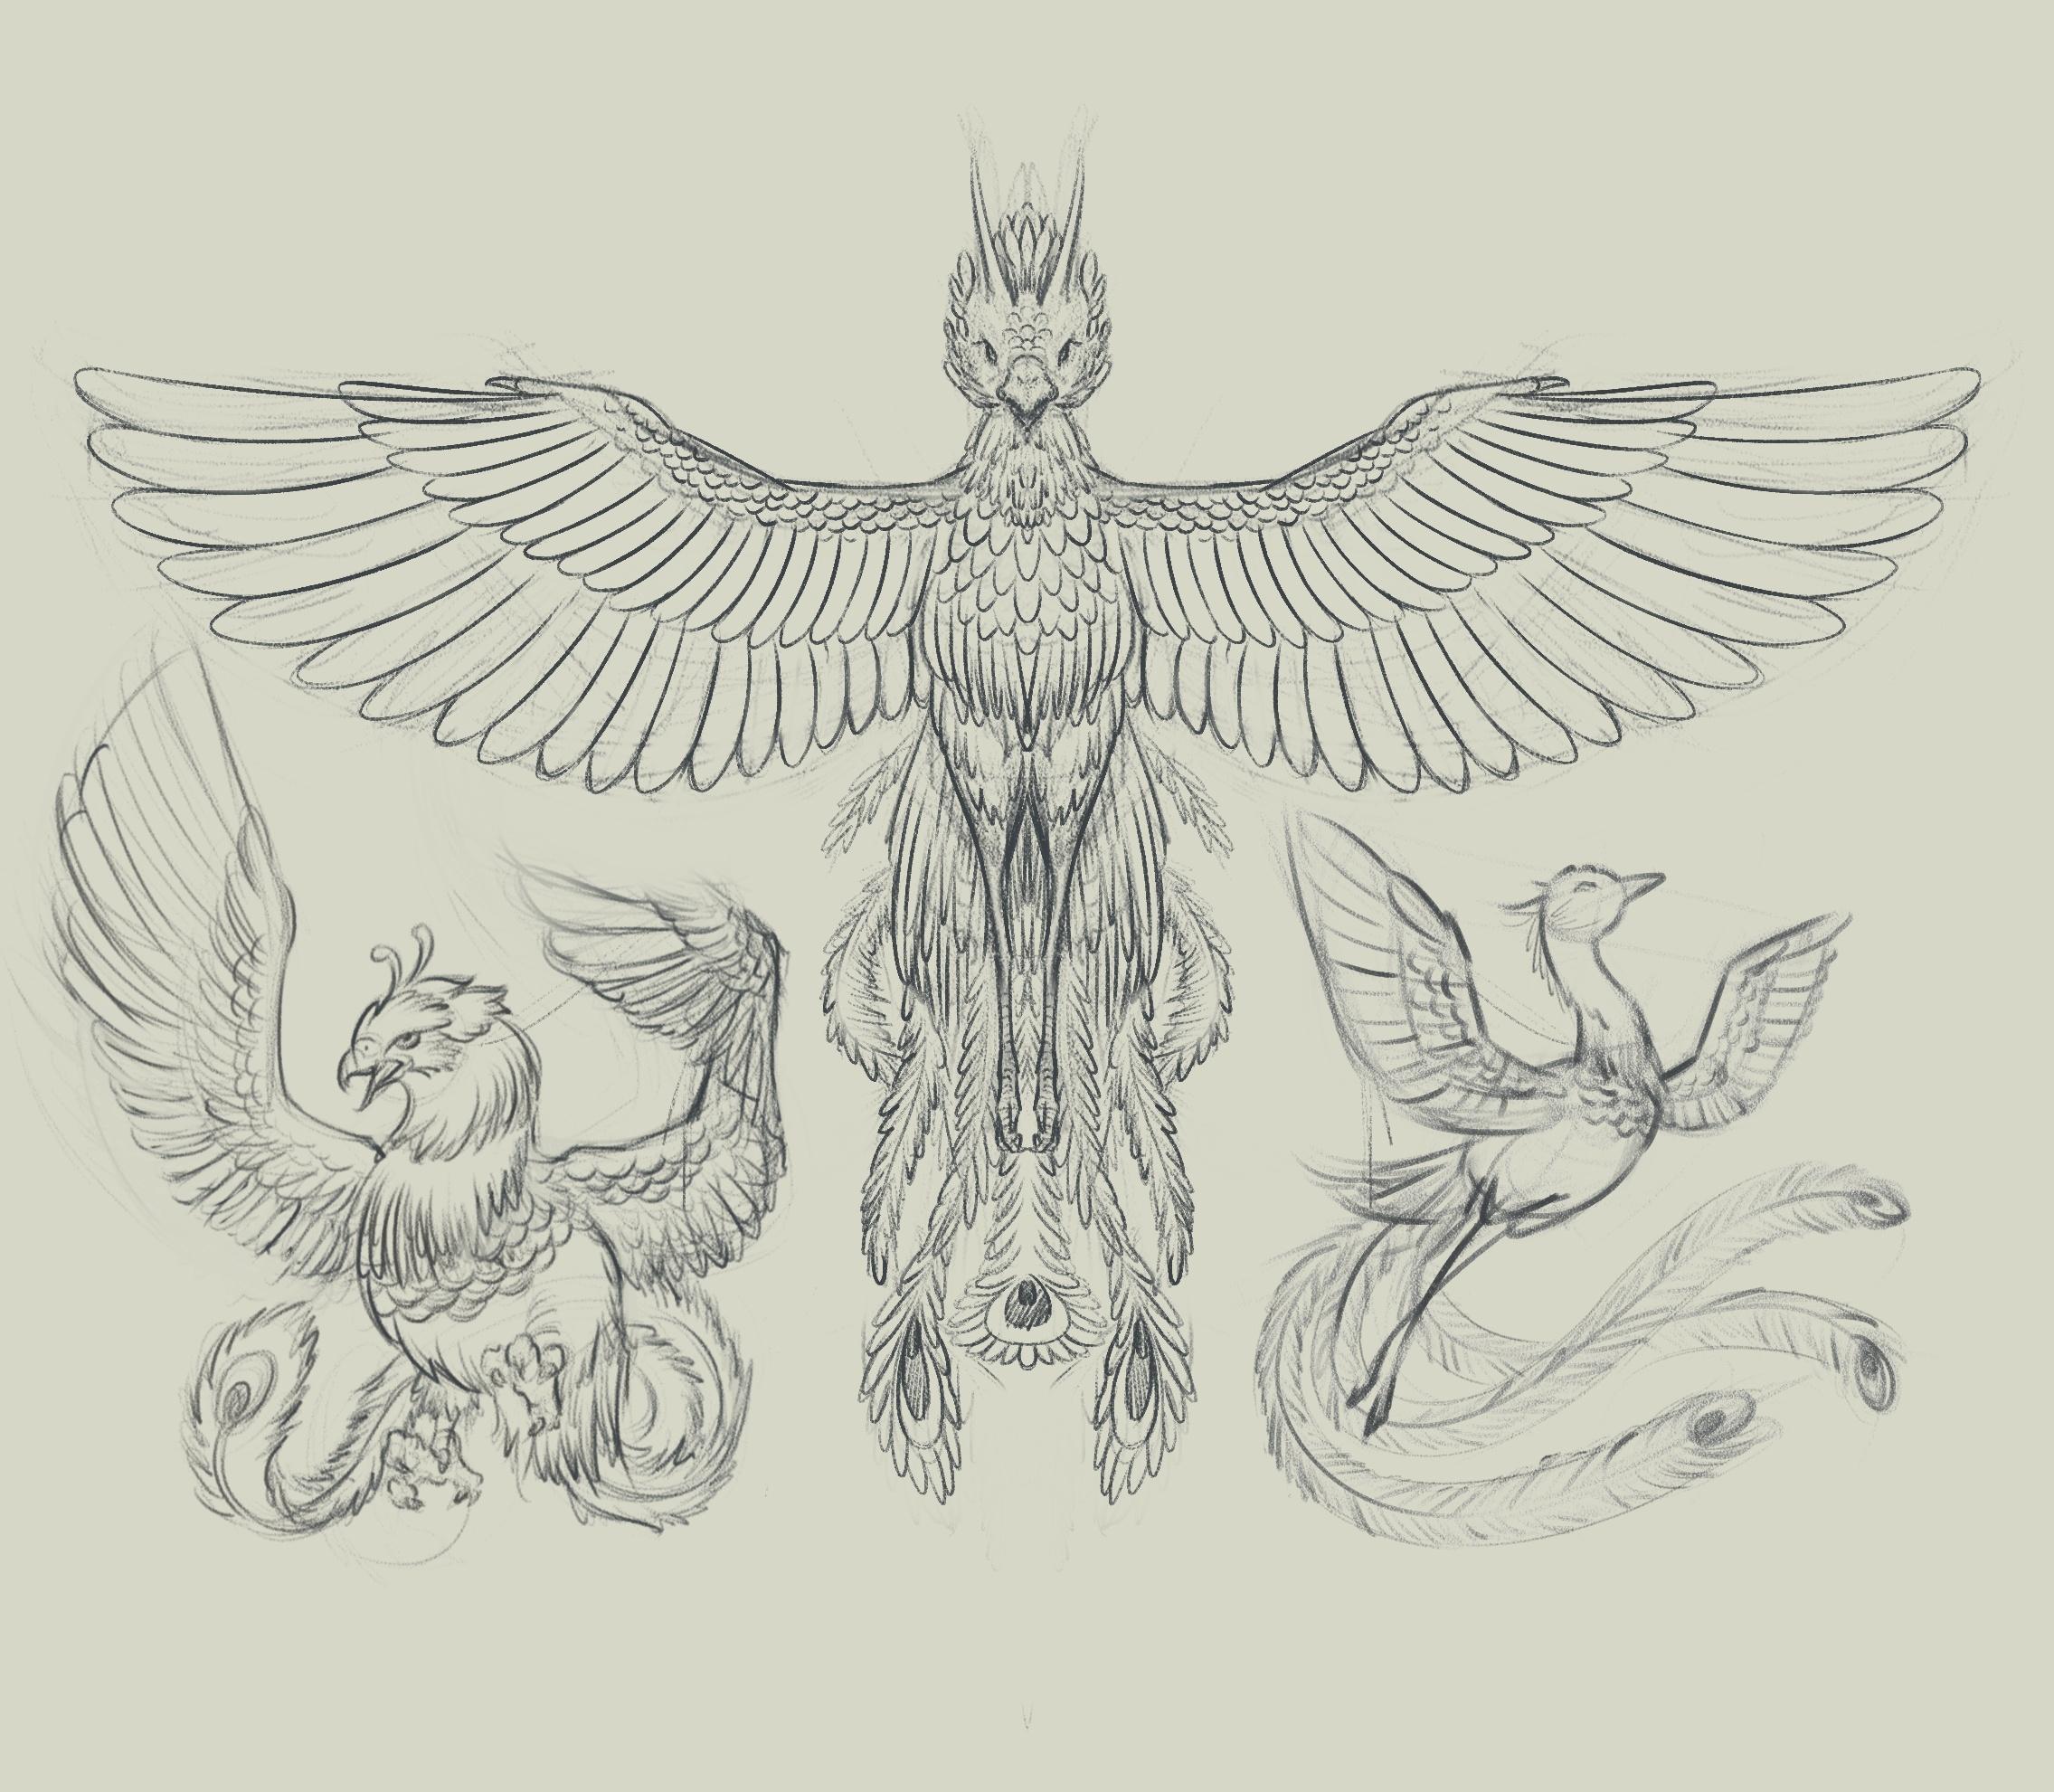 凤凰-手绘插画 部分临摹